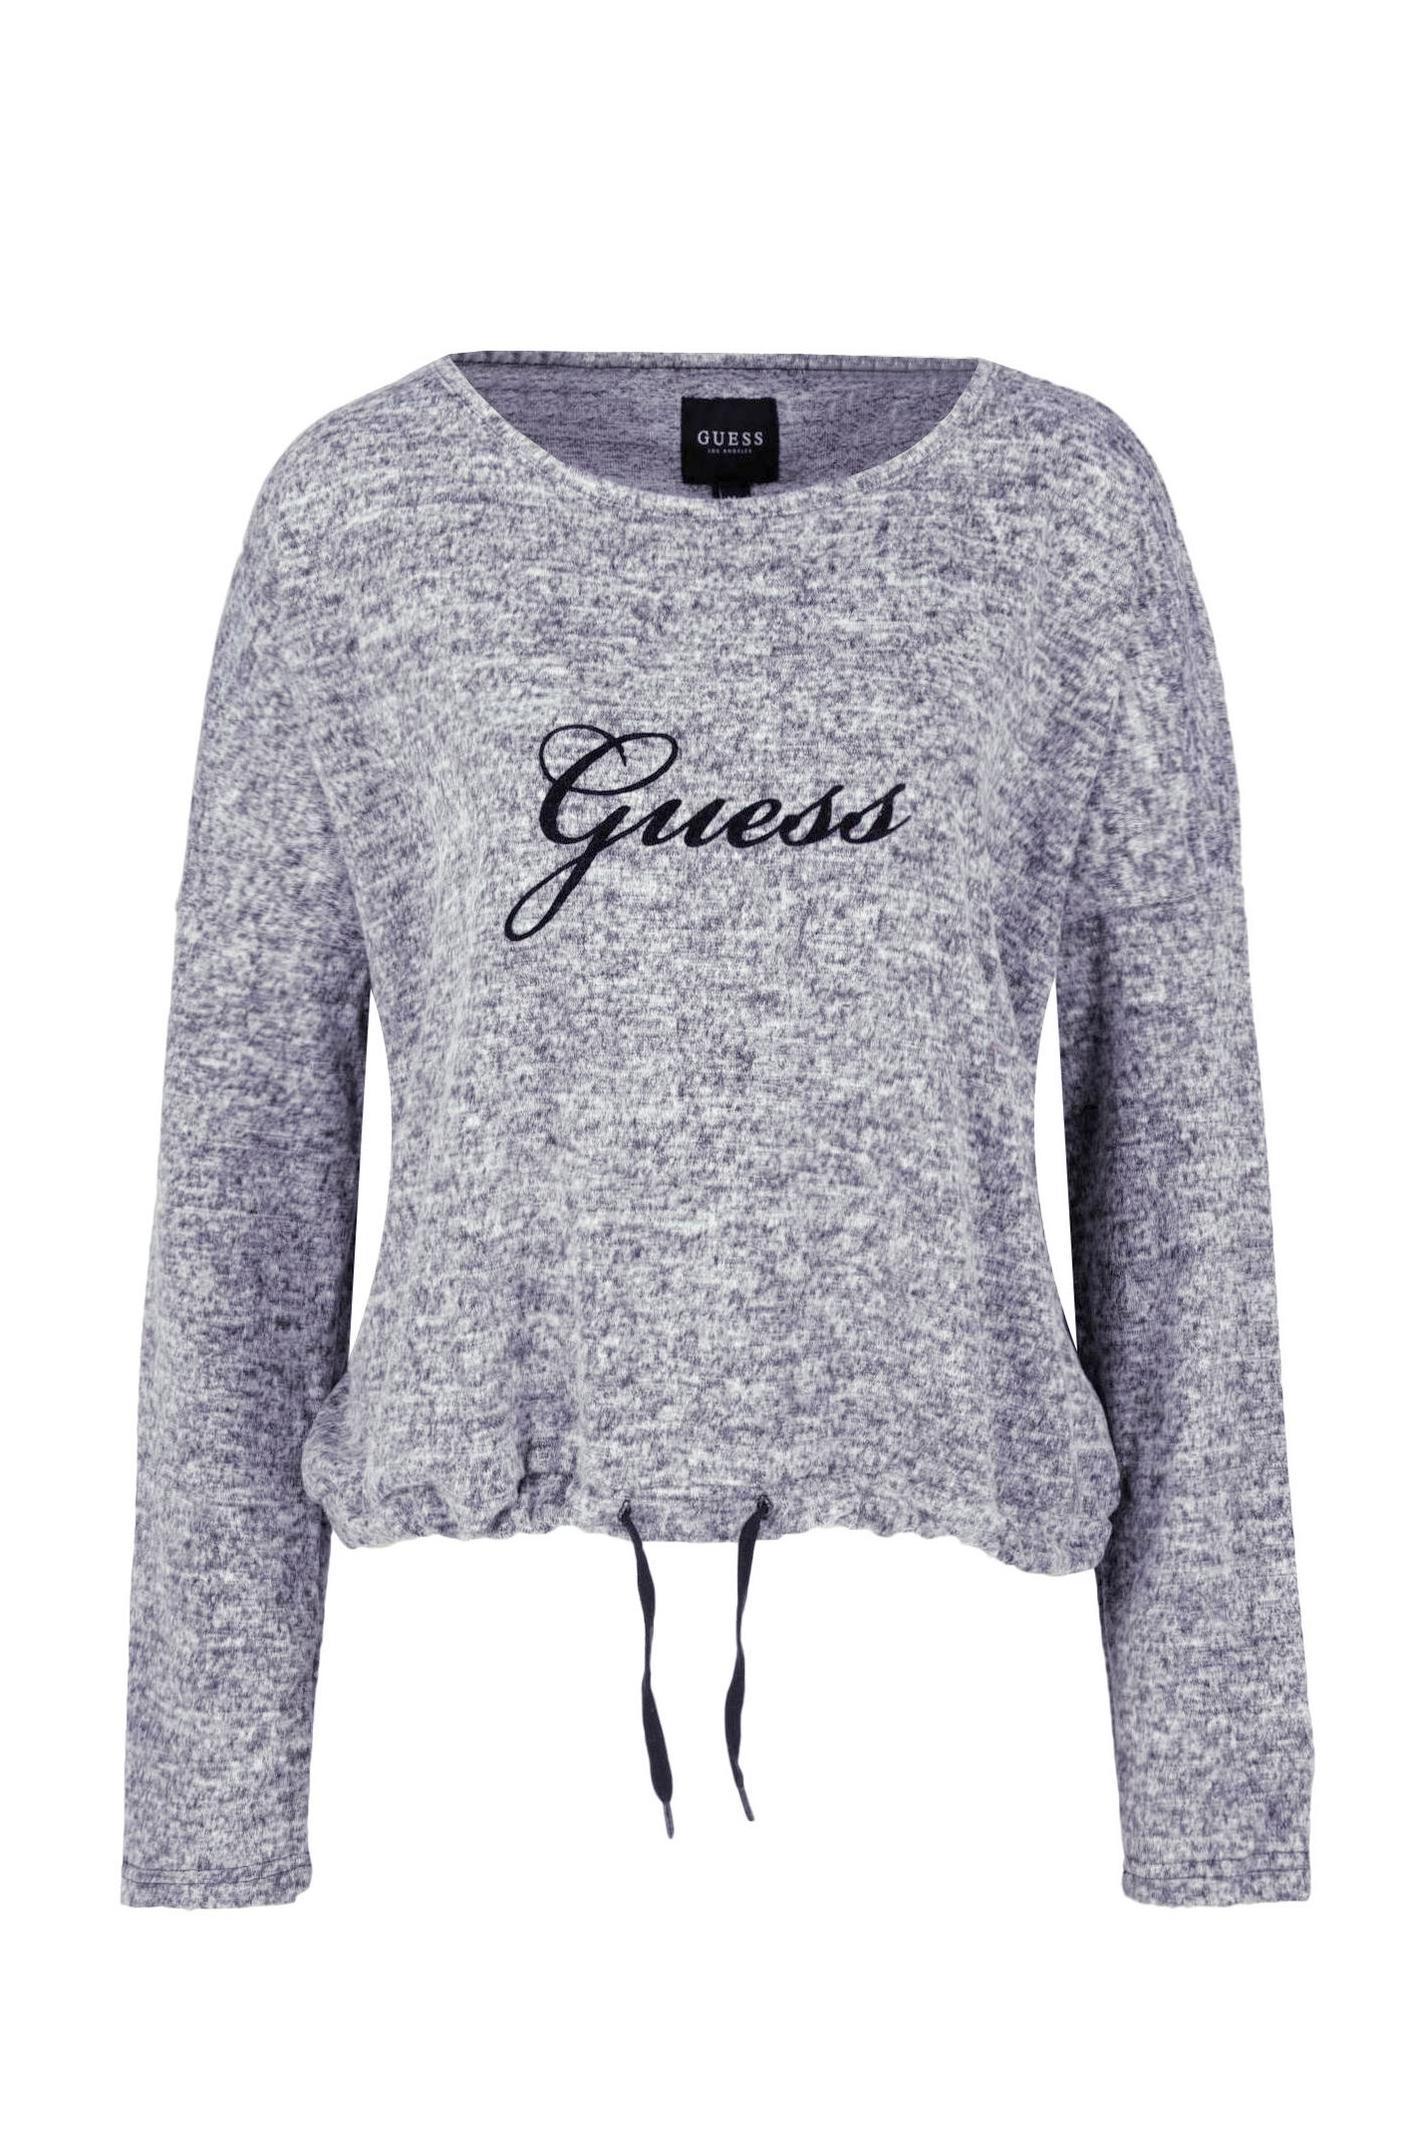 Pull  Guess jeans O84Q16 VI00E M18 GRANITE HEATHER